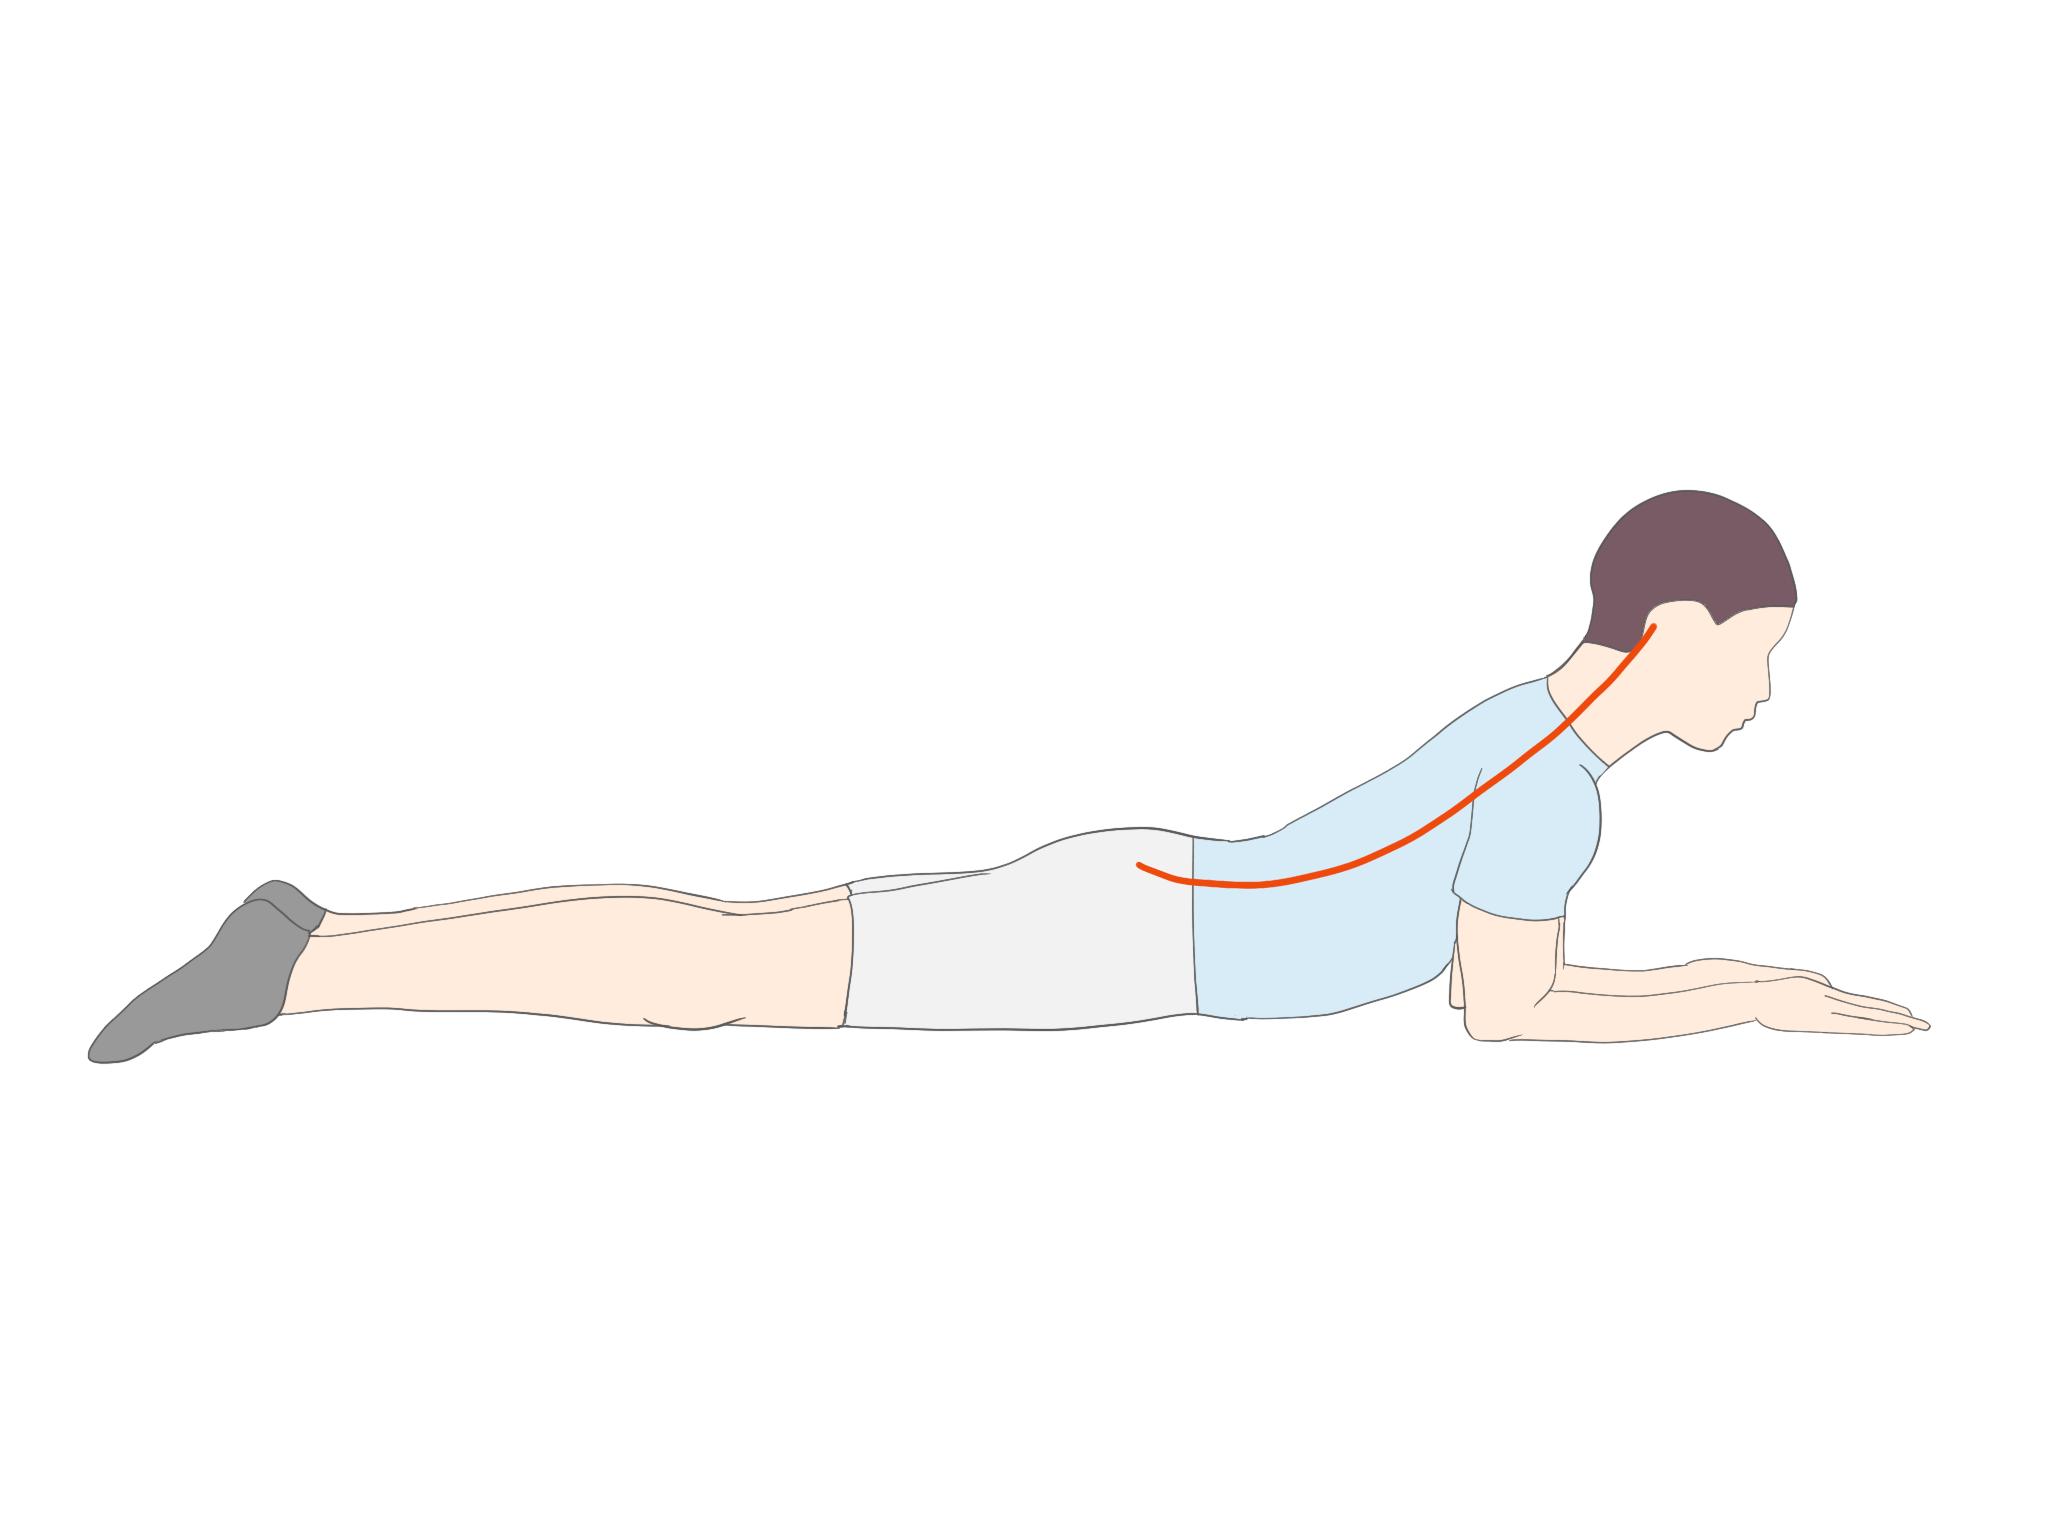 胸椎の伸展【金沢市のアルコット接骨院のパーソナルトレーニング】